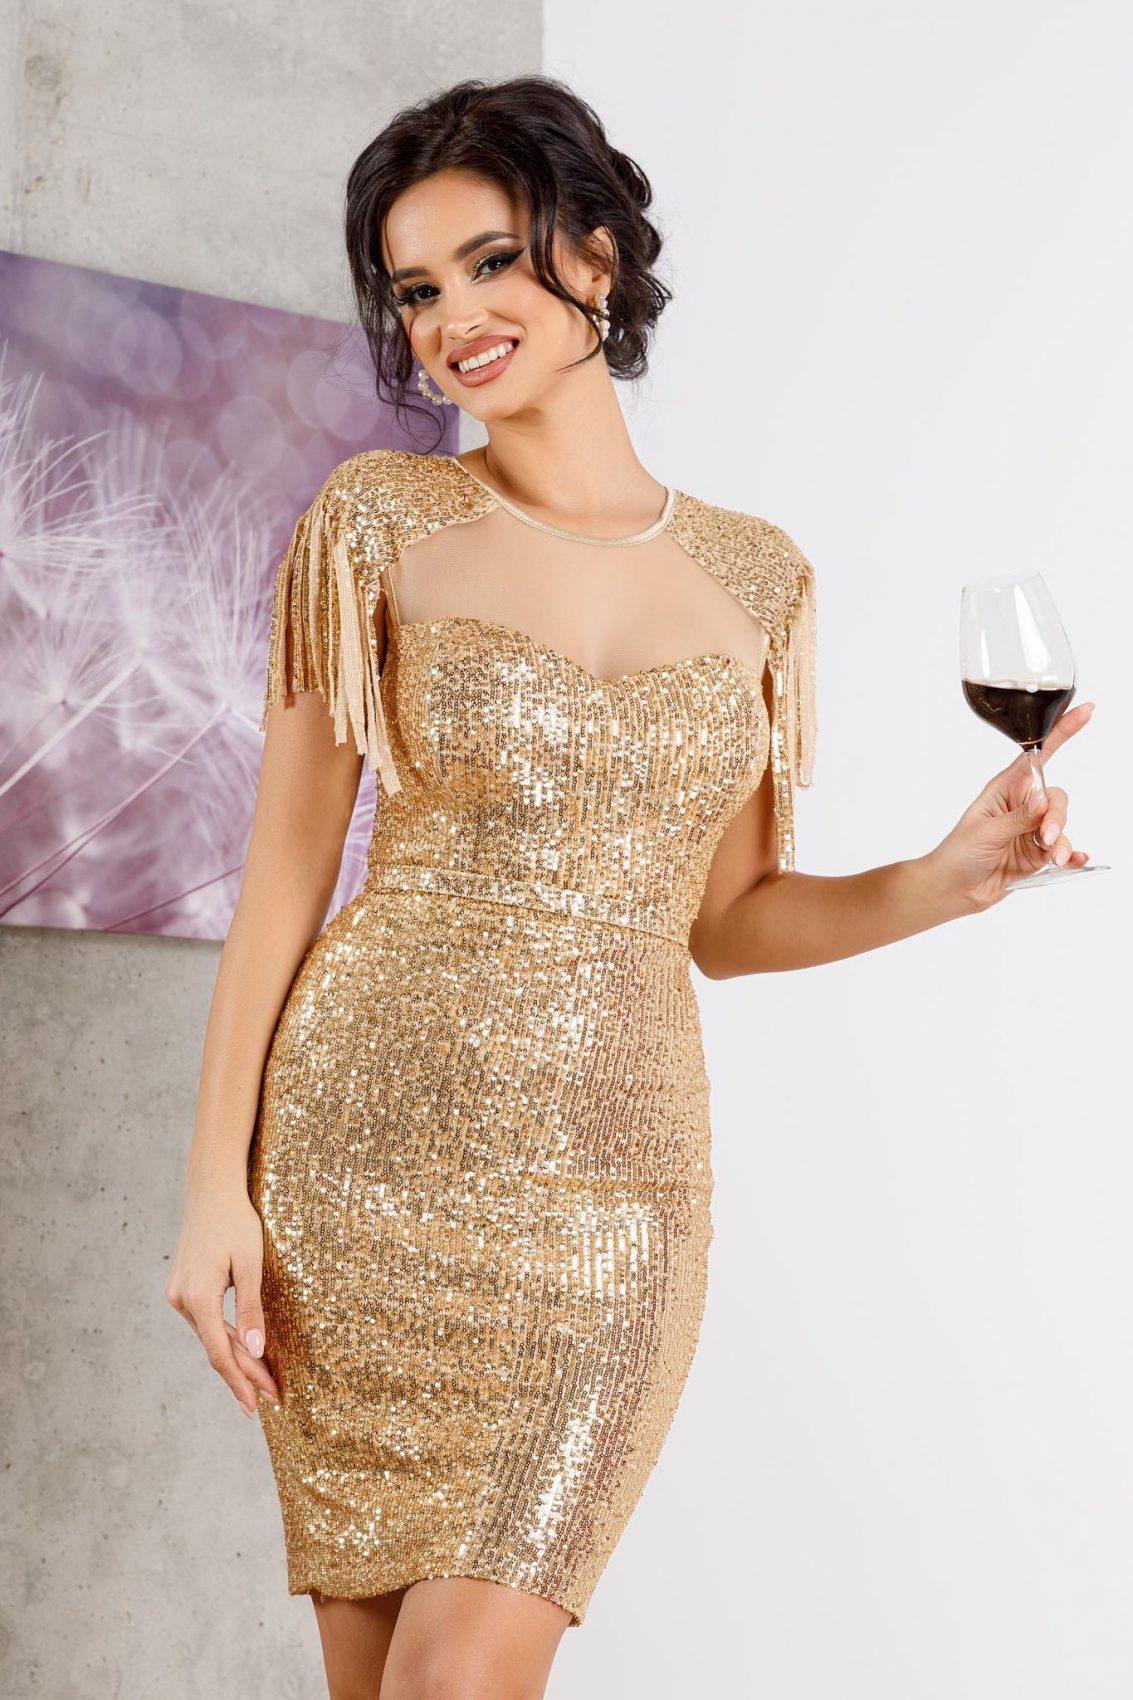 Geena Golden Dress